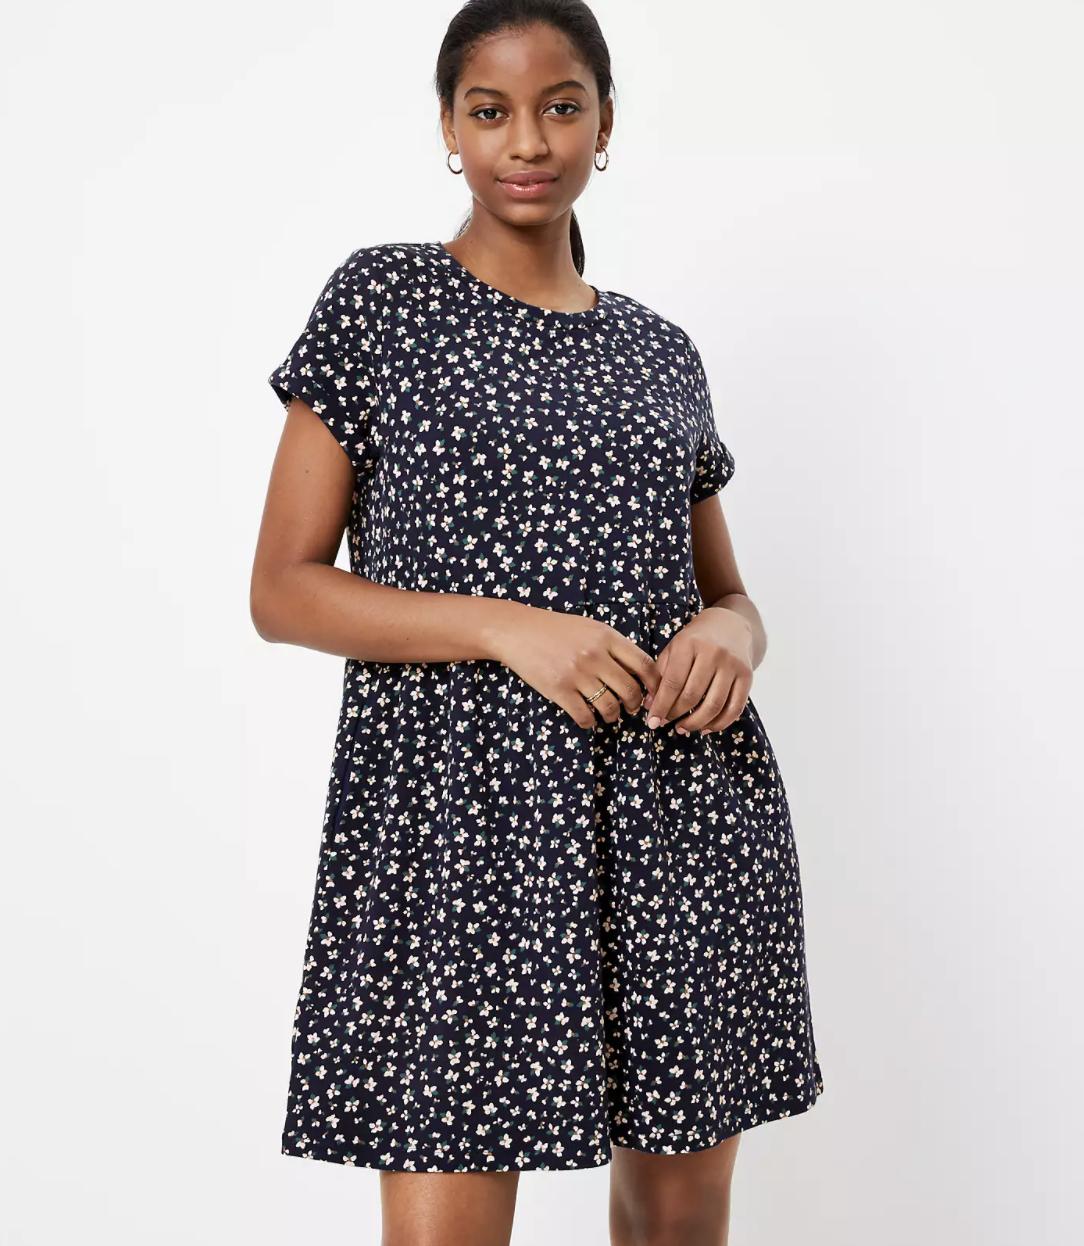 Model wearing Loft dress